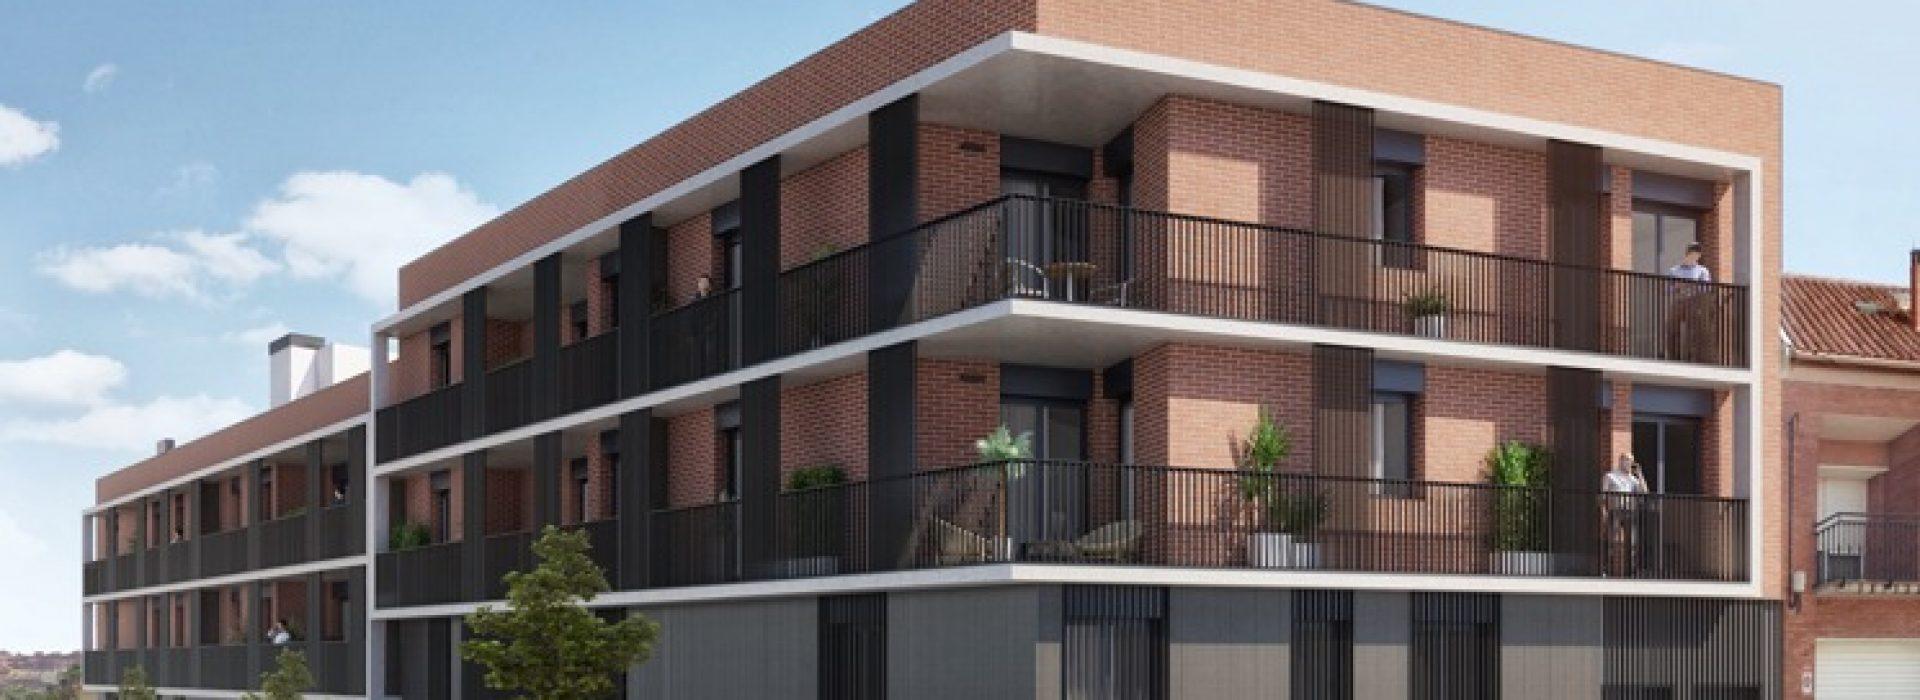 Dormitorio Residencial El Mirador de Mollet. Promoción inmobiliaria de obra nueva de TR Grupo Inmobiliario.